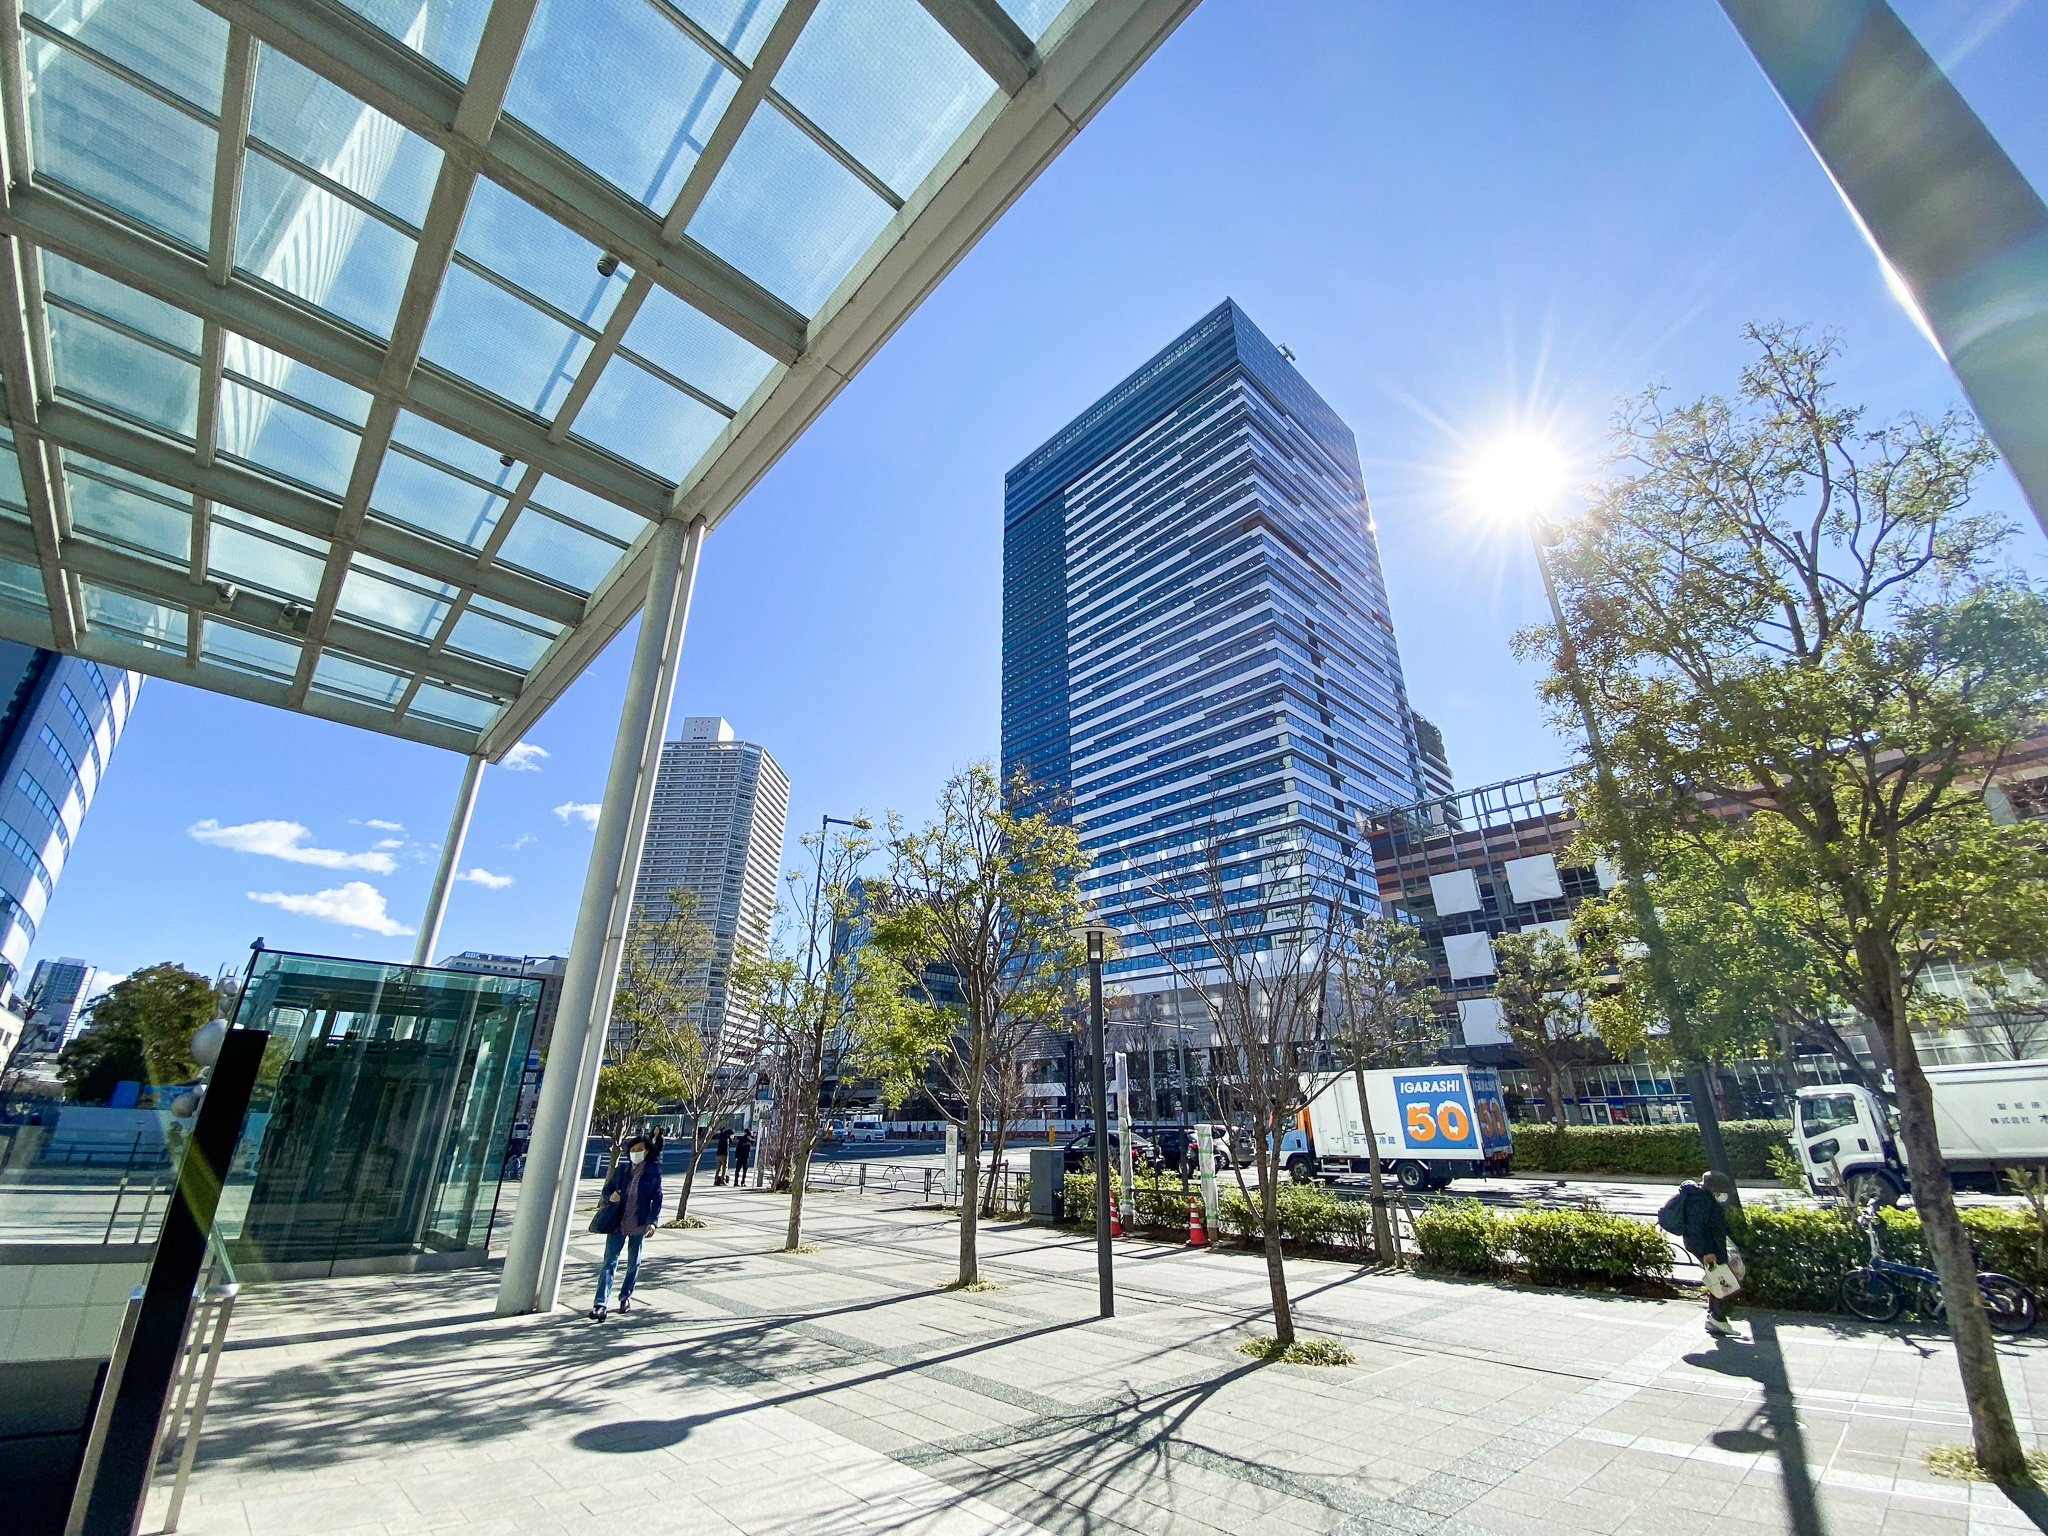 豊洲ベイサイドクロス3階に貸し会議室31 Buildge 5月上旬OPEN